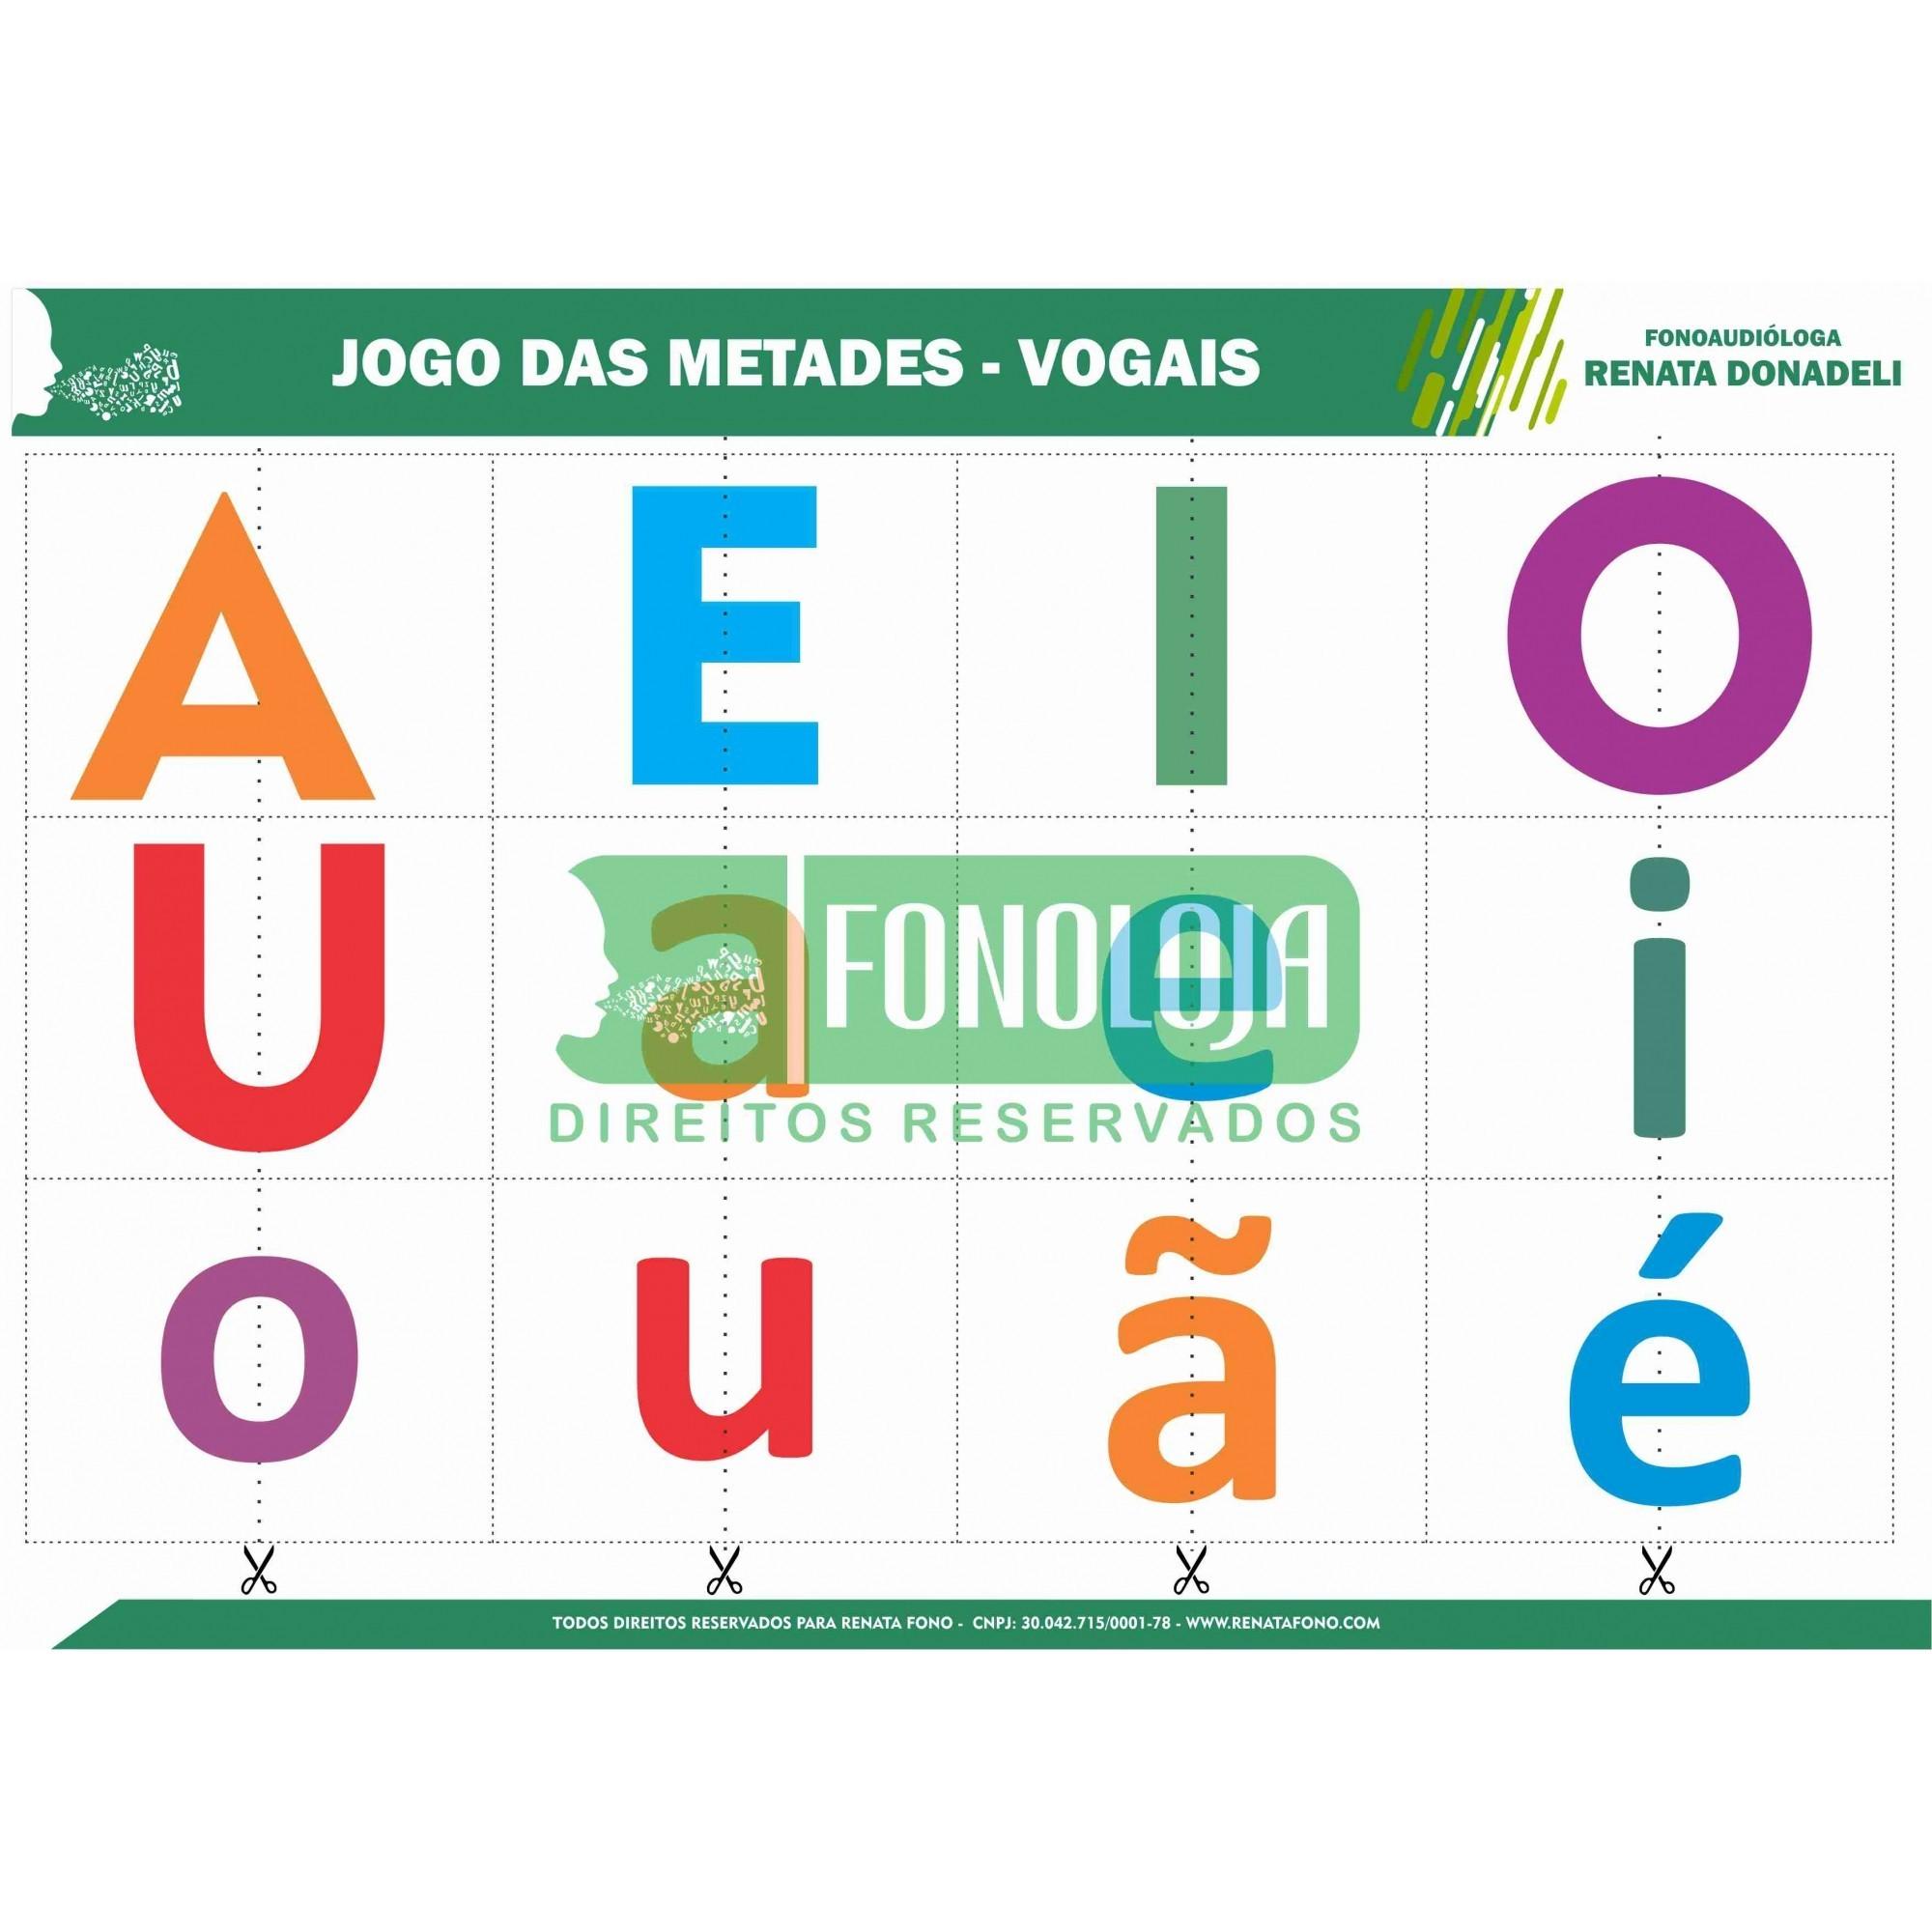 JOGO DAS METADES - FRUTAS E VOGAIS - FORMATO DIGITAL